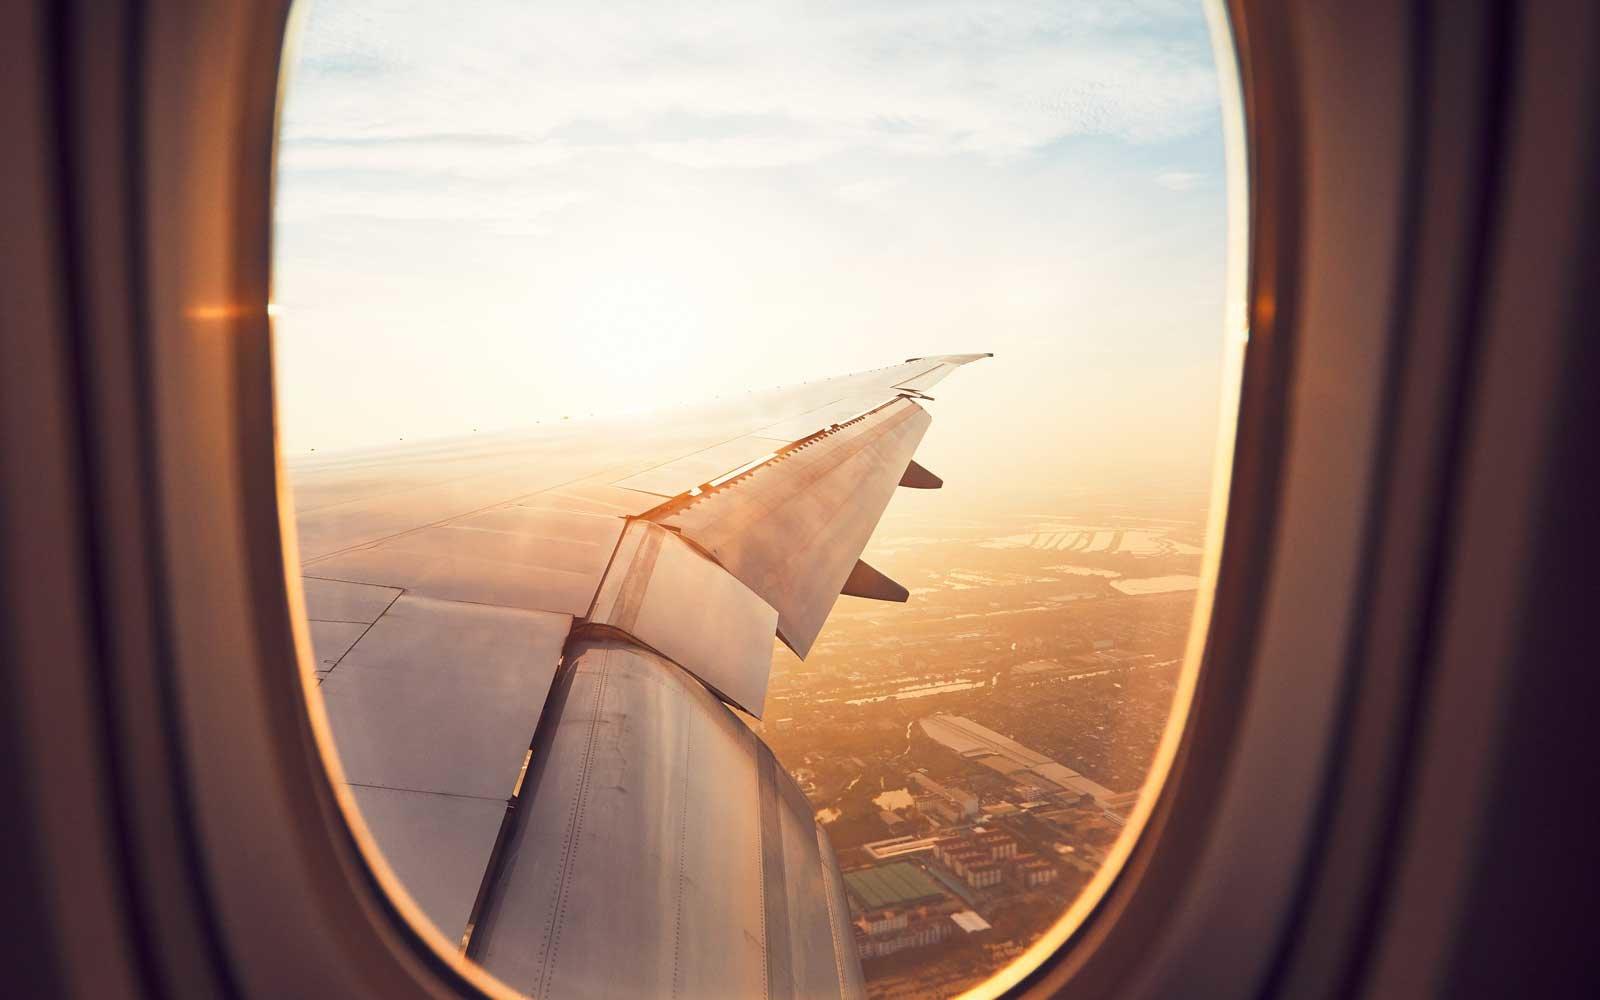 """Предизвикателството """"Fake a Plane Ride Challenge"""" има  хора, които използват тоалетни чинии и бутилки , за да изглежда, че пътуват със самолет"""